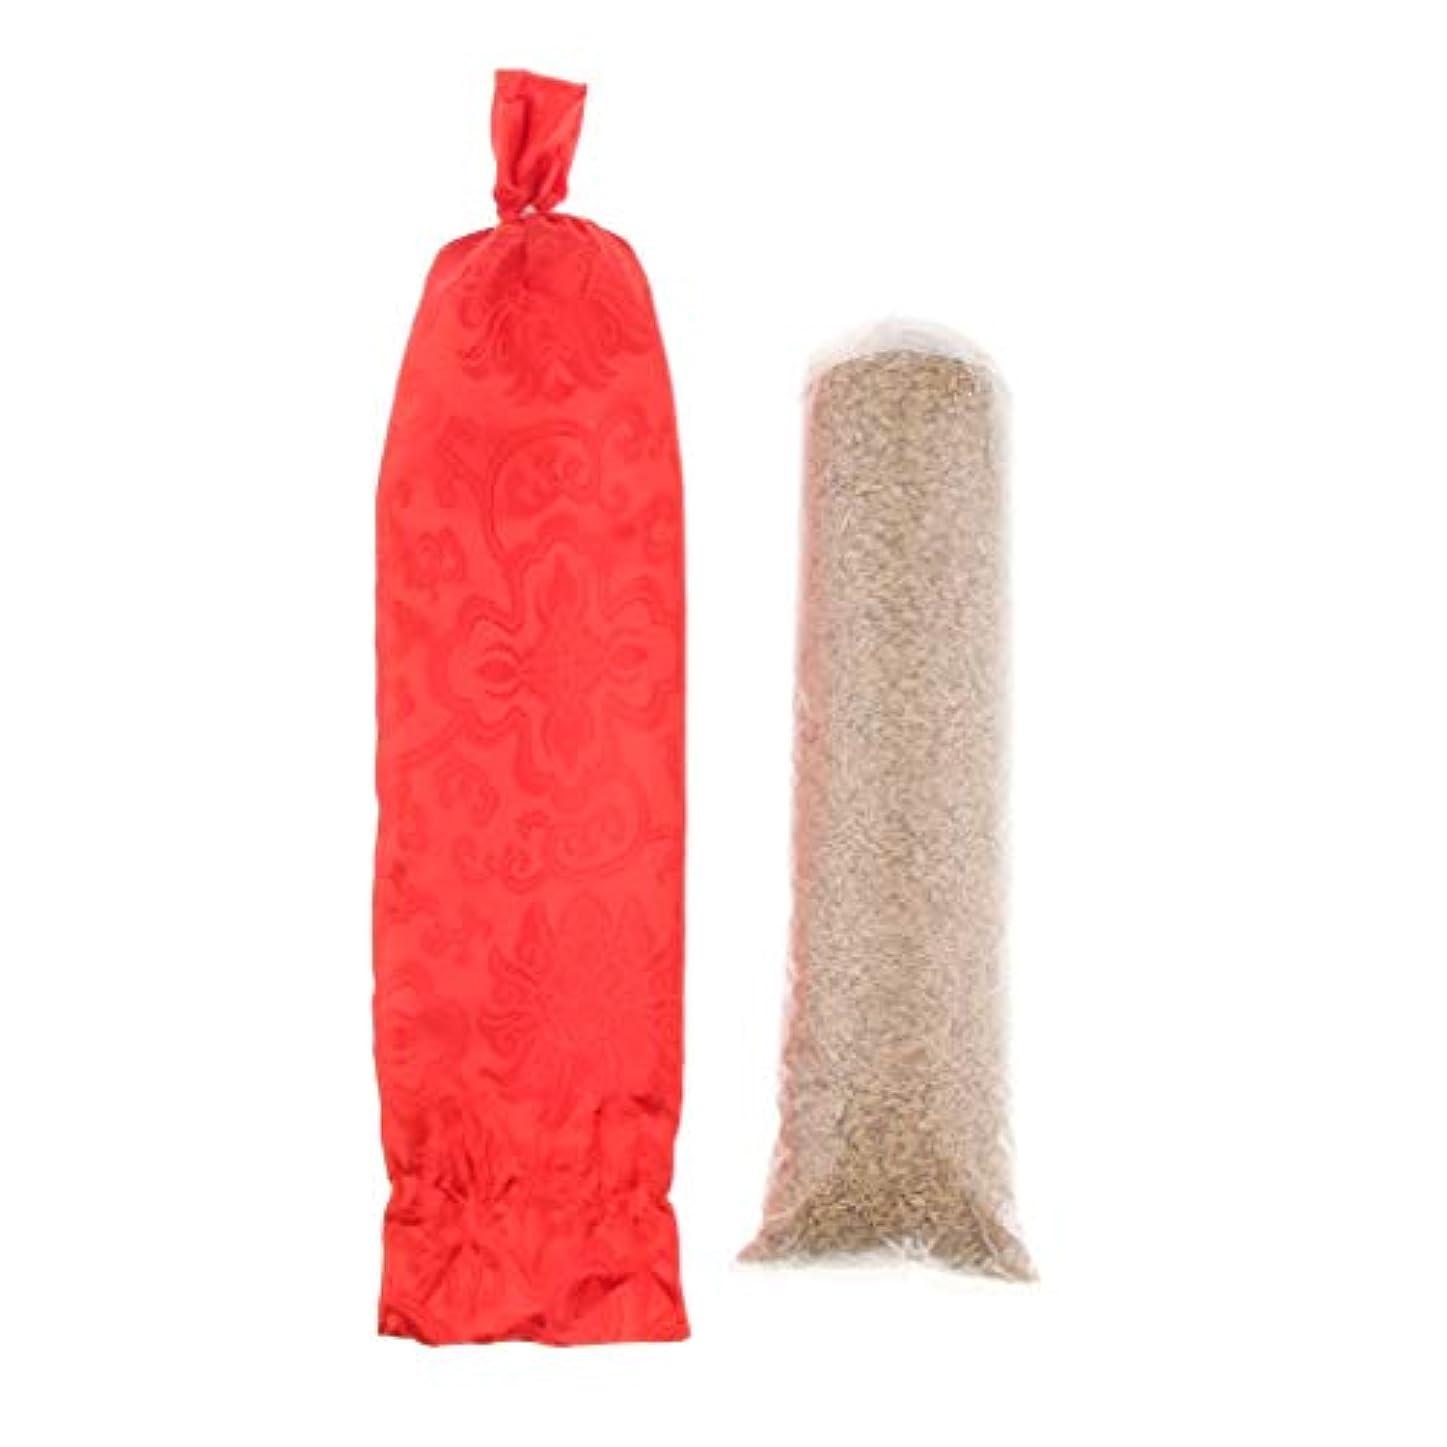 学習者尊敬する便宜ラウンド 頚部枕 ロール枕 洗濯可能なカバー サポートピロー